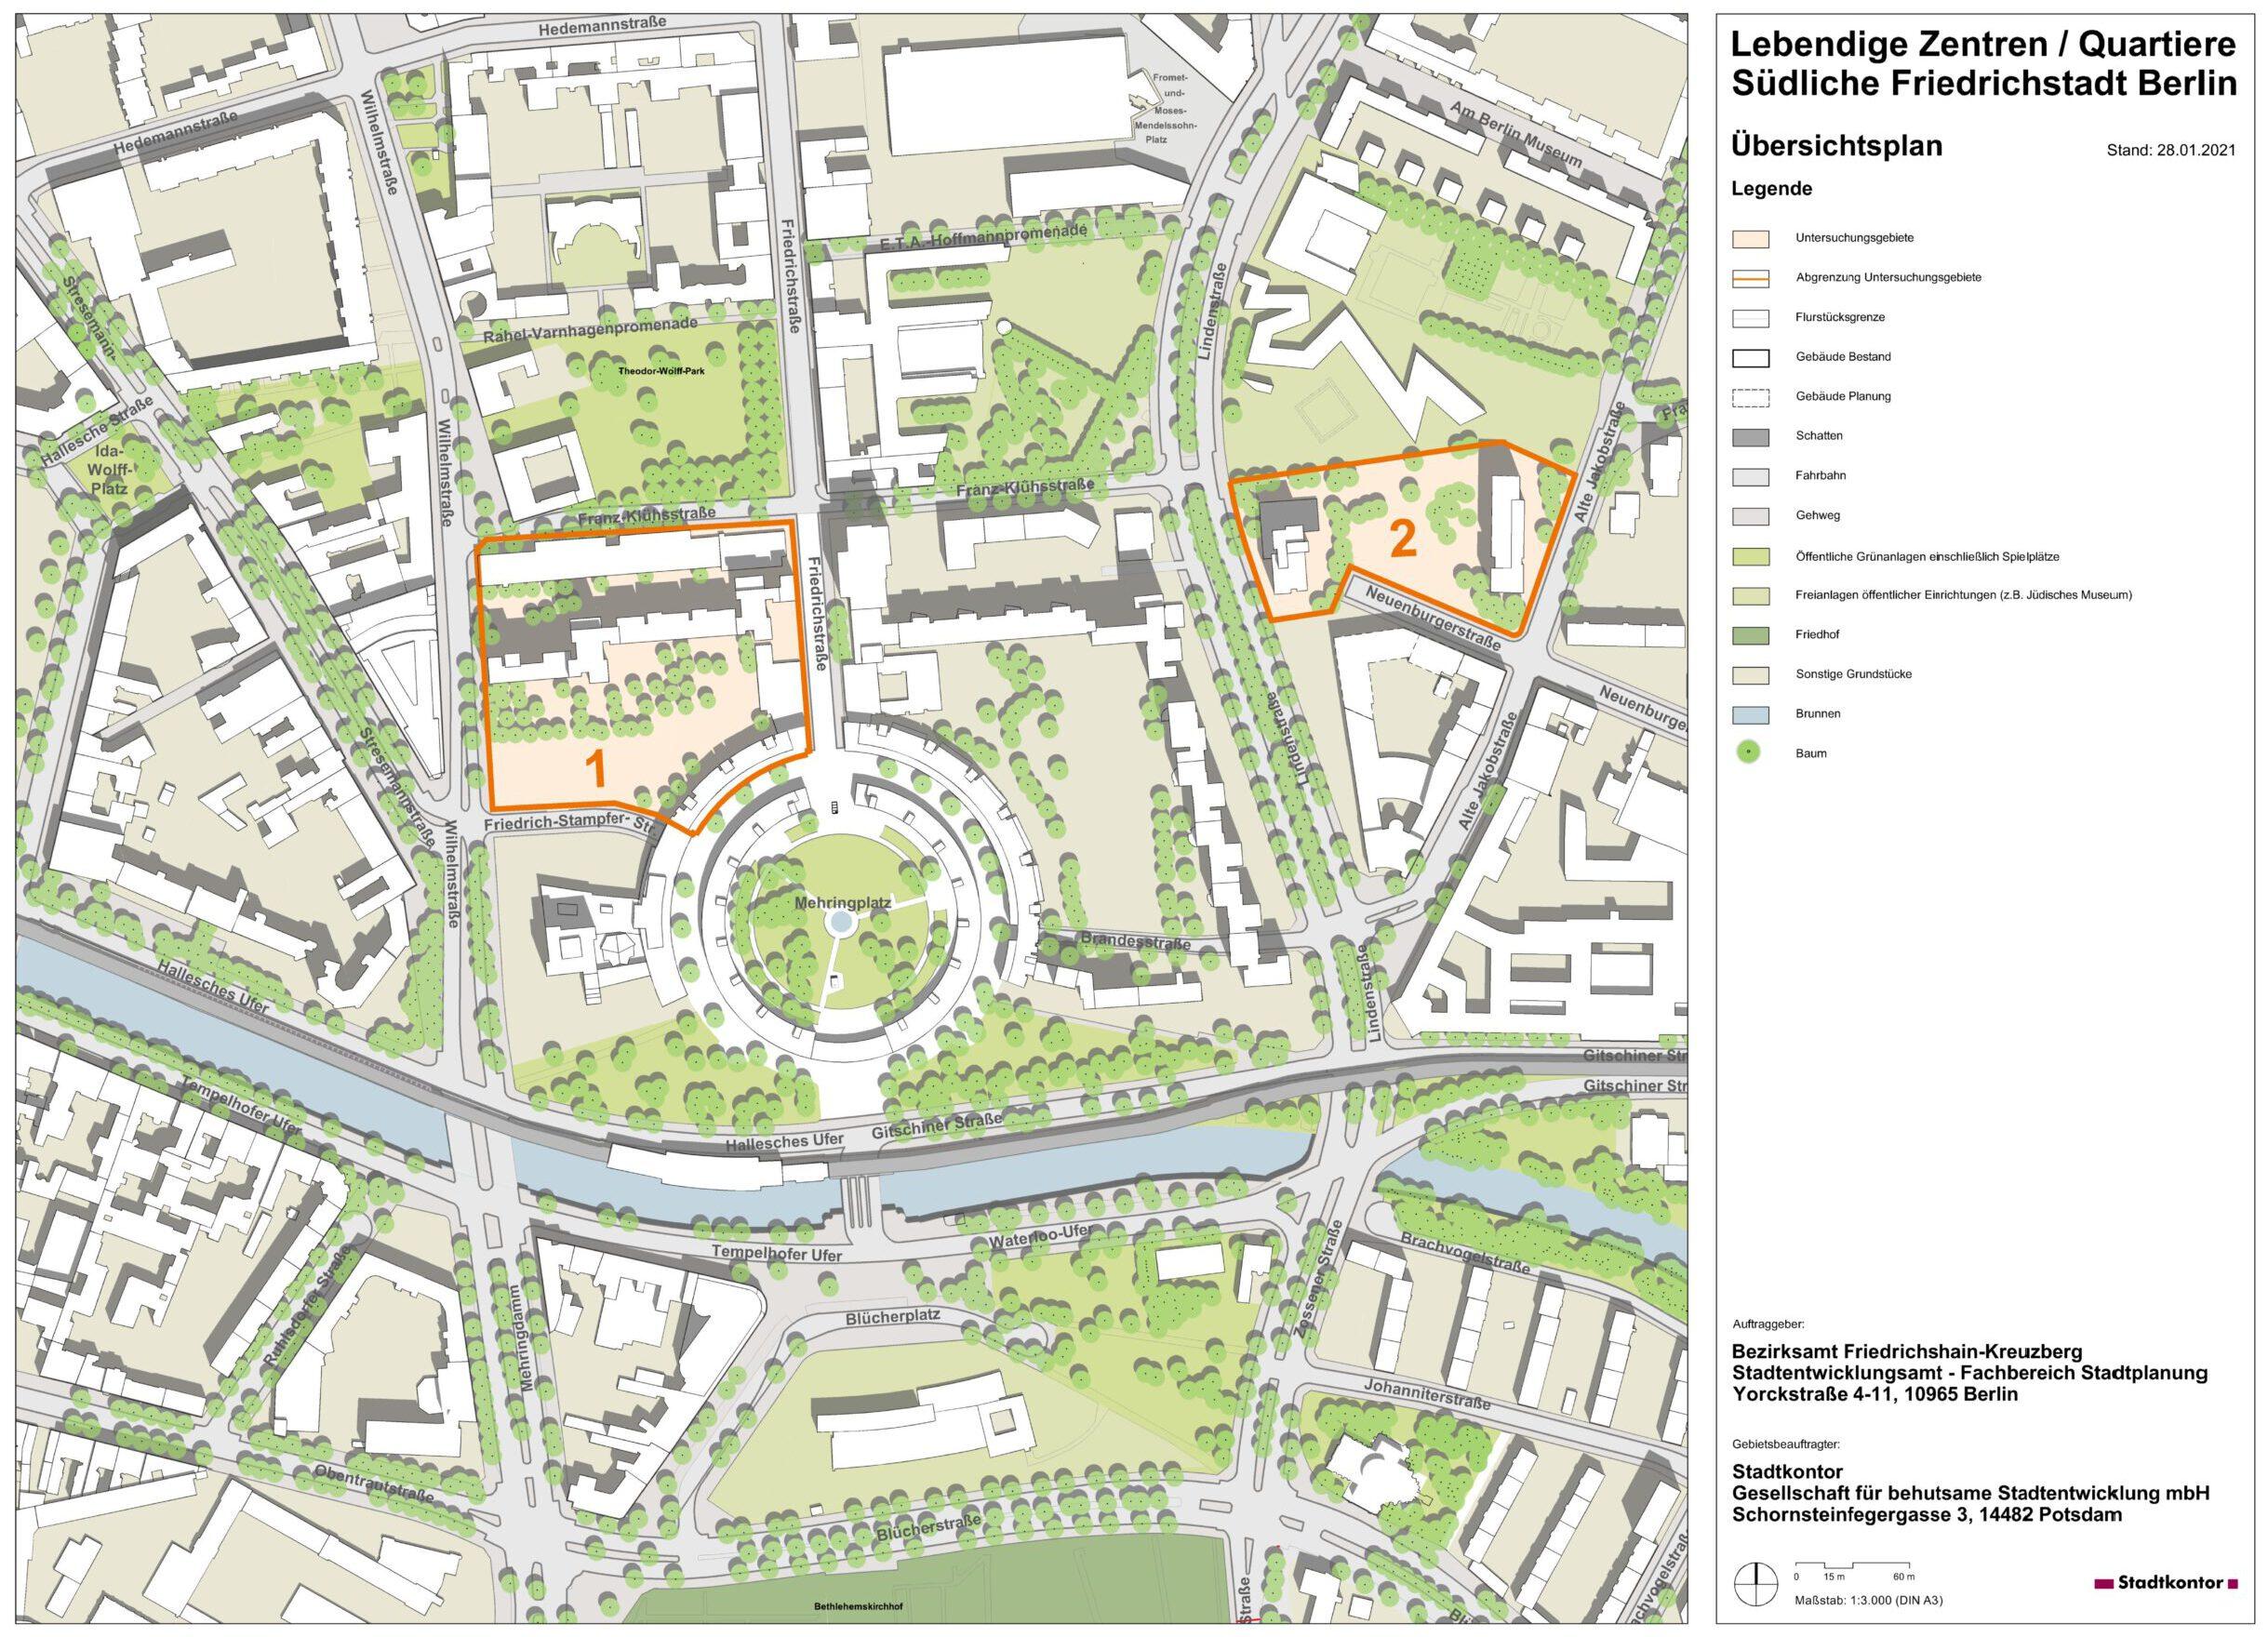 Lageplan mit Umgrenzung der Untersuchungsgebiete 1 und 2